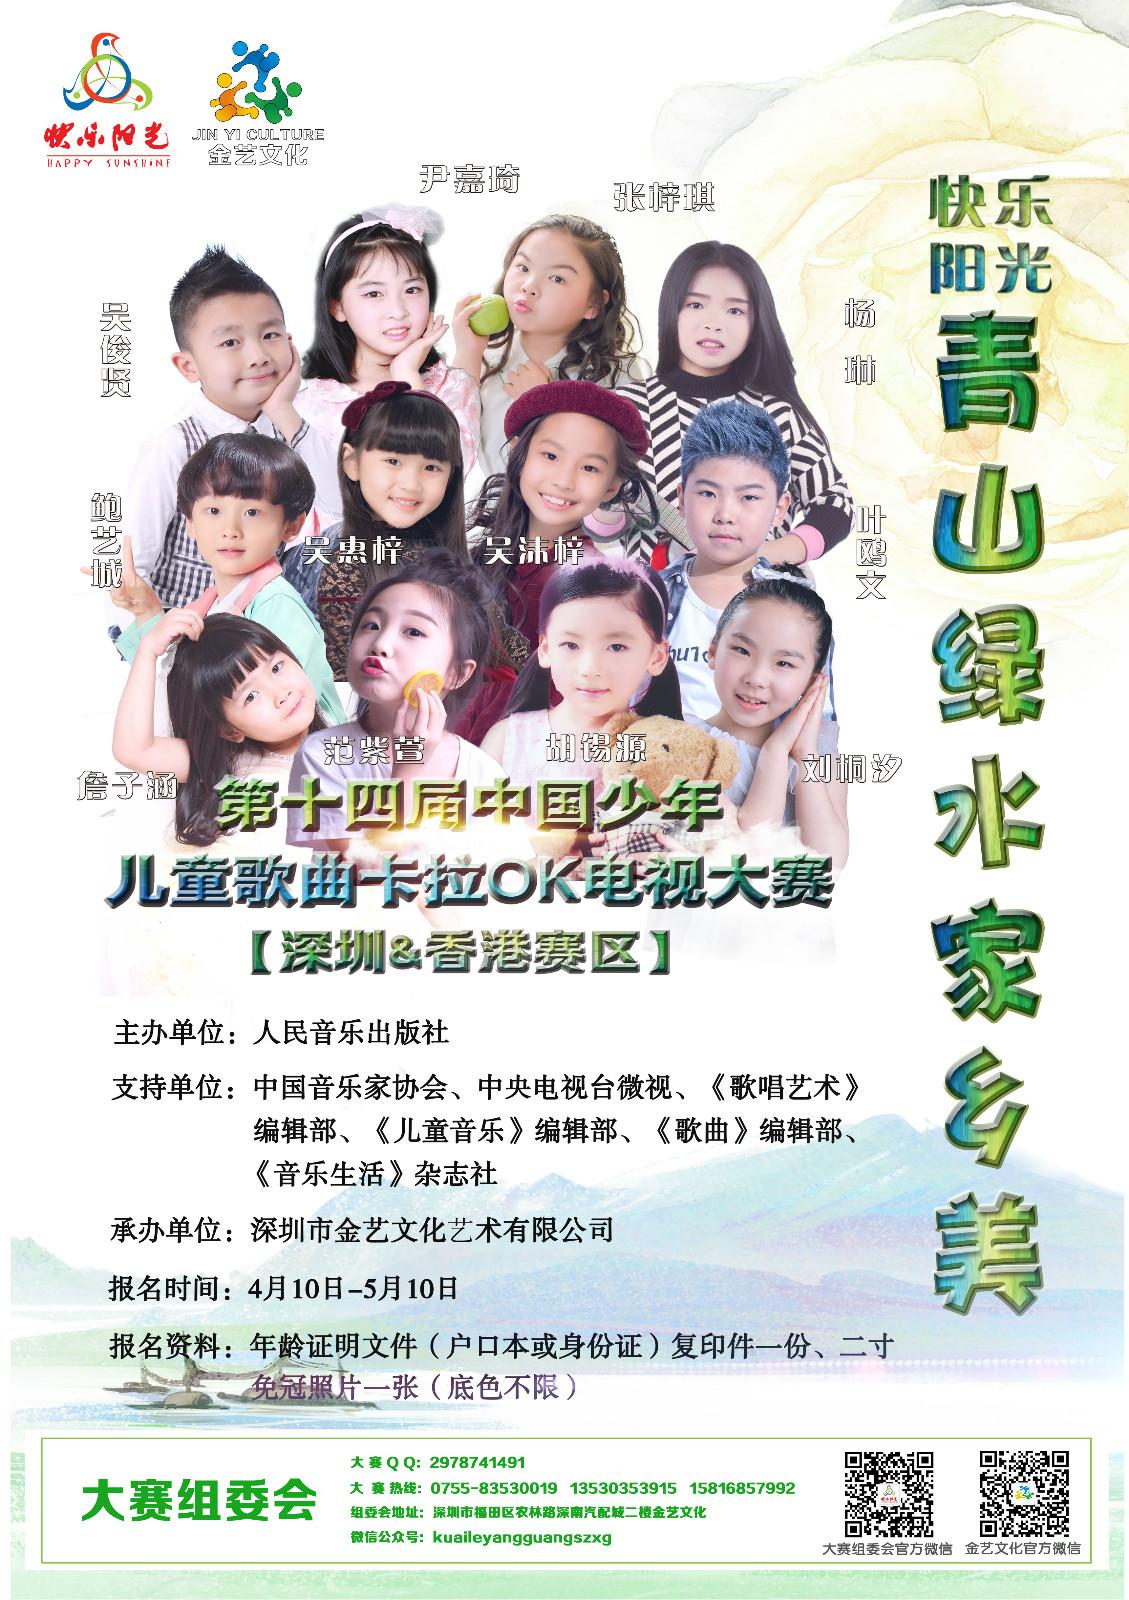 """3月-6月,担任快乐阳光""""青山绿水家乡美""""中国少年儿童歌曲卡拉ok电视"""